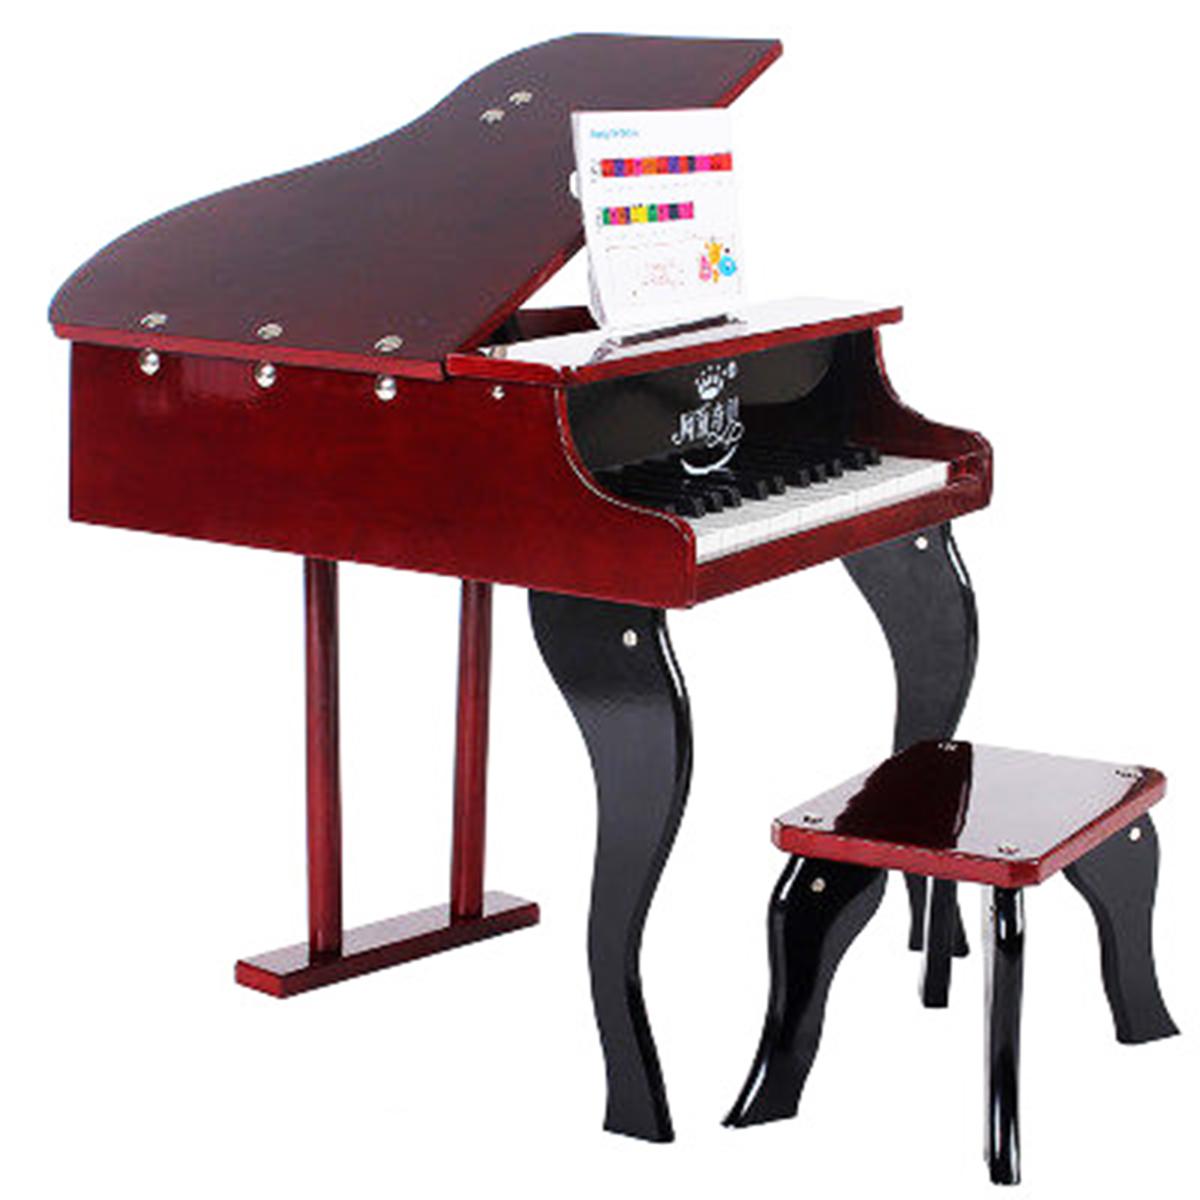 网童奇贝30键木制儿童钢琴木质钢琴入门练习用钢琴礼品小钢琴玩具